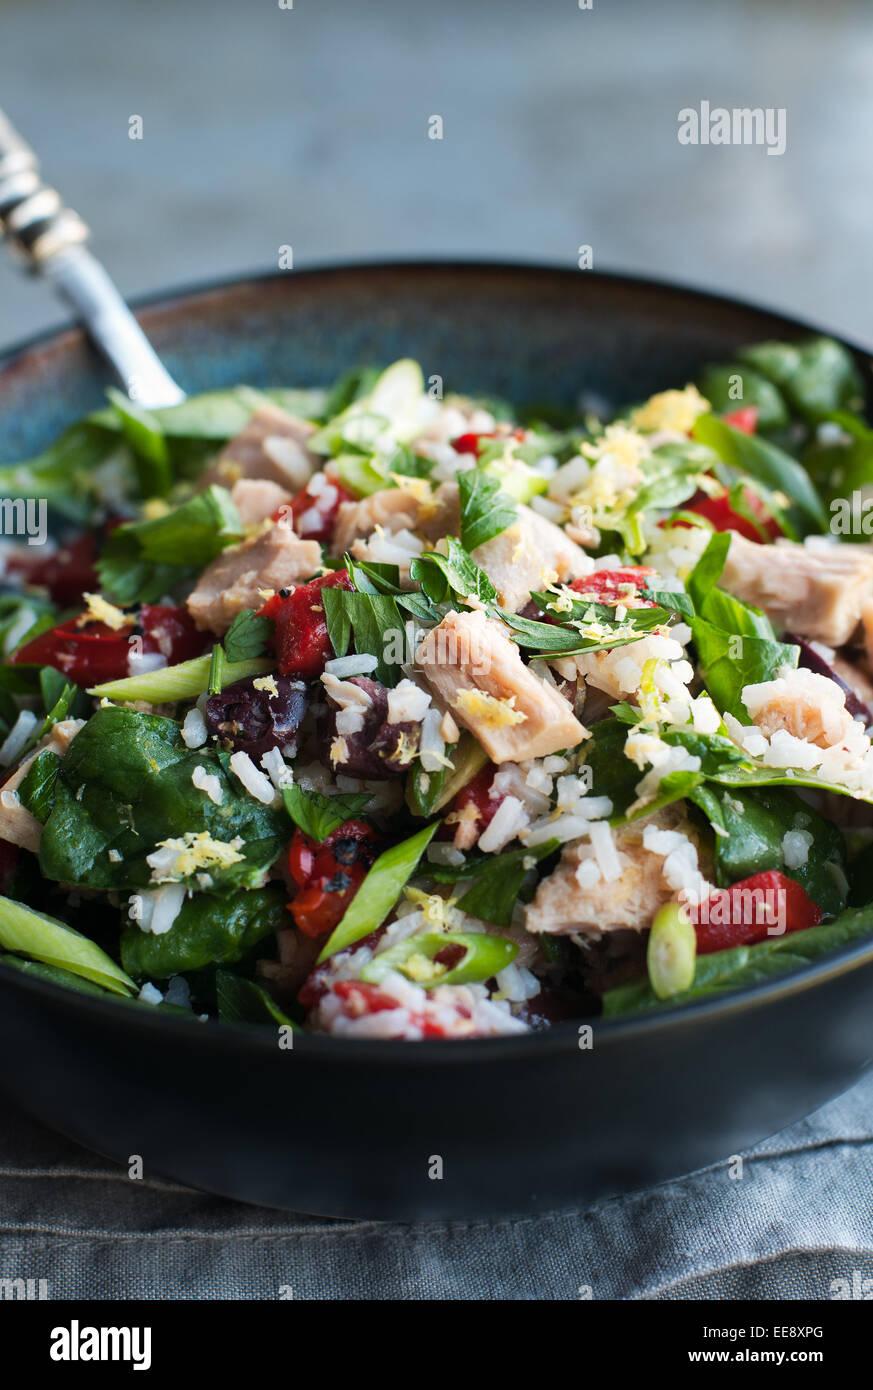 Salade verte avec du thon, du riz et des légumes Photo Stock